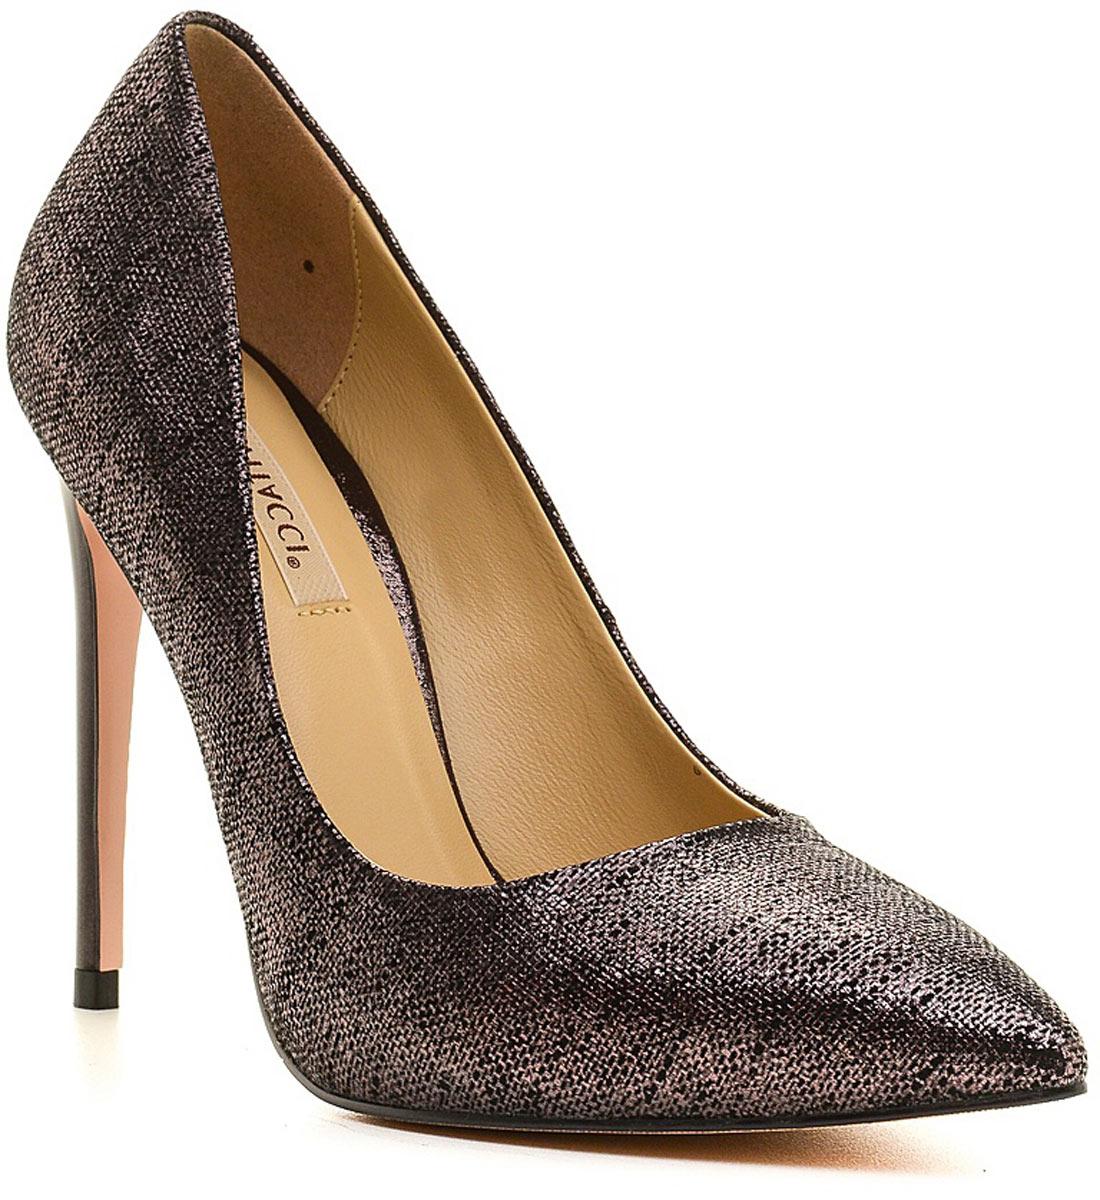 Туфли женские Vitacci, цвет: серый. 49097. Размер 3549097Стильные туфли Vitacci не оставят вас незамеченной! Модель выполнена из качественной натуральной кожи. Стелька из натуральной кожи обеспечивает комфорт и удобство при ходьбе. Подошва выполнена с высоким тонким каблуком.